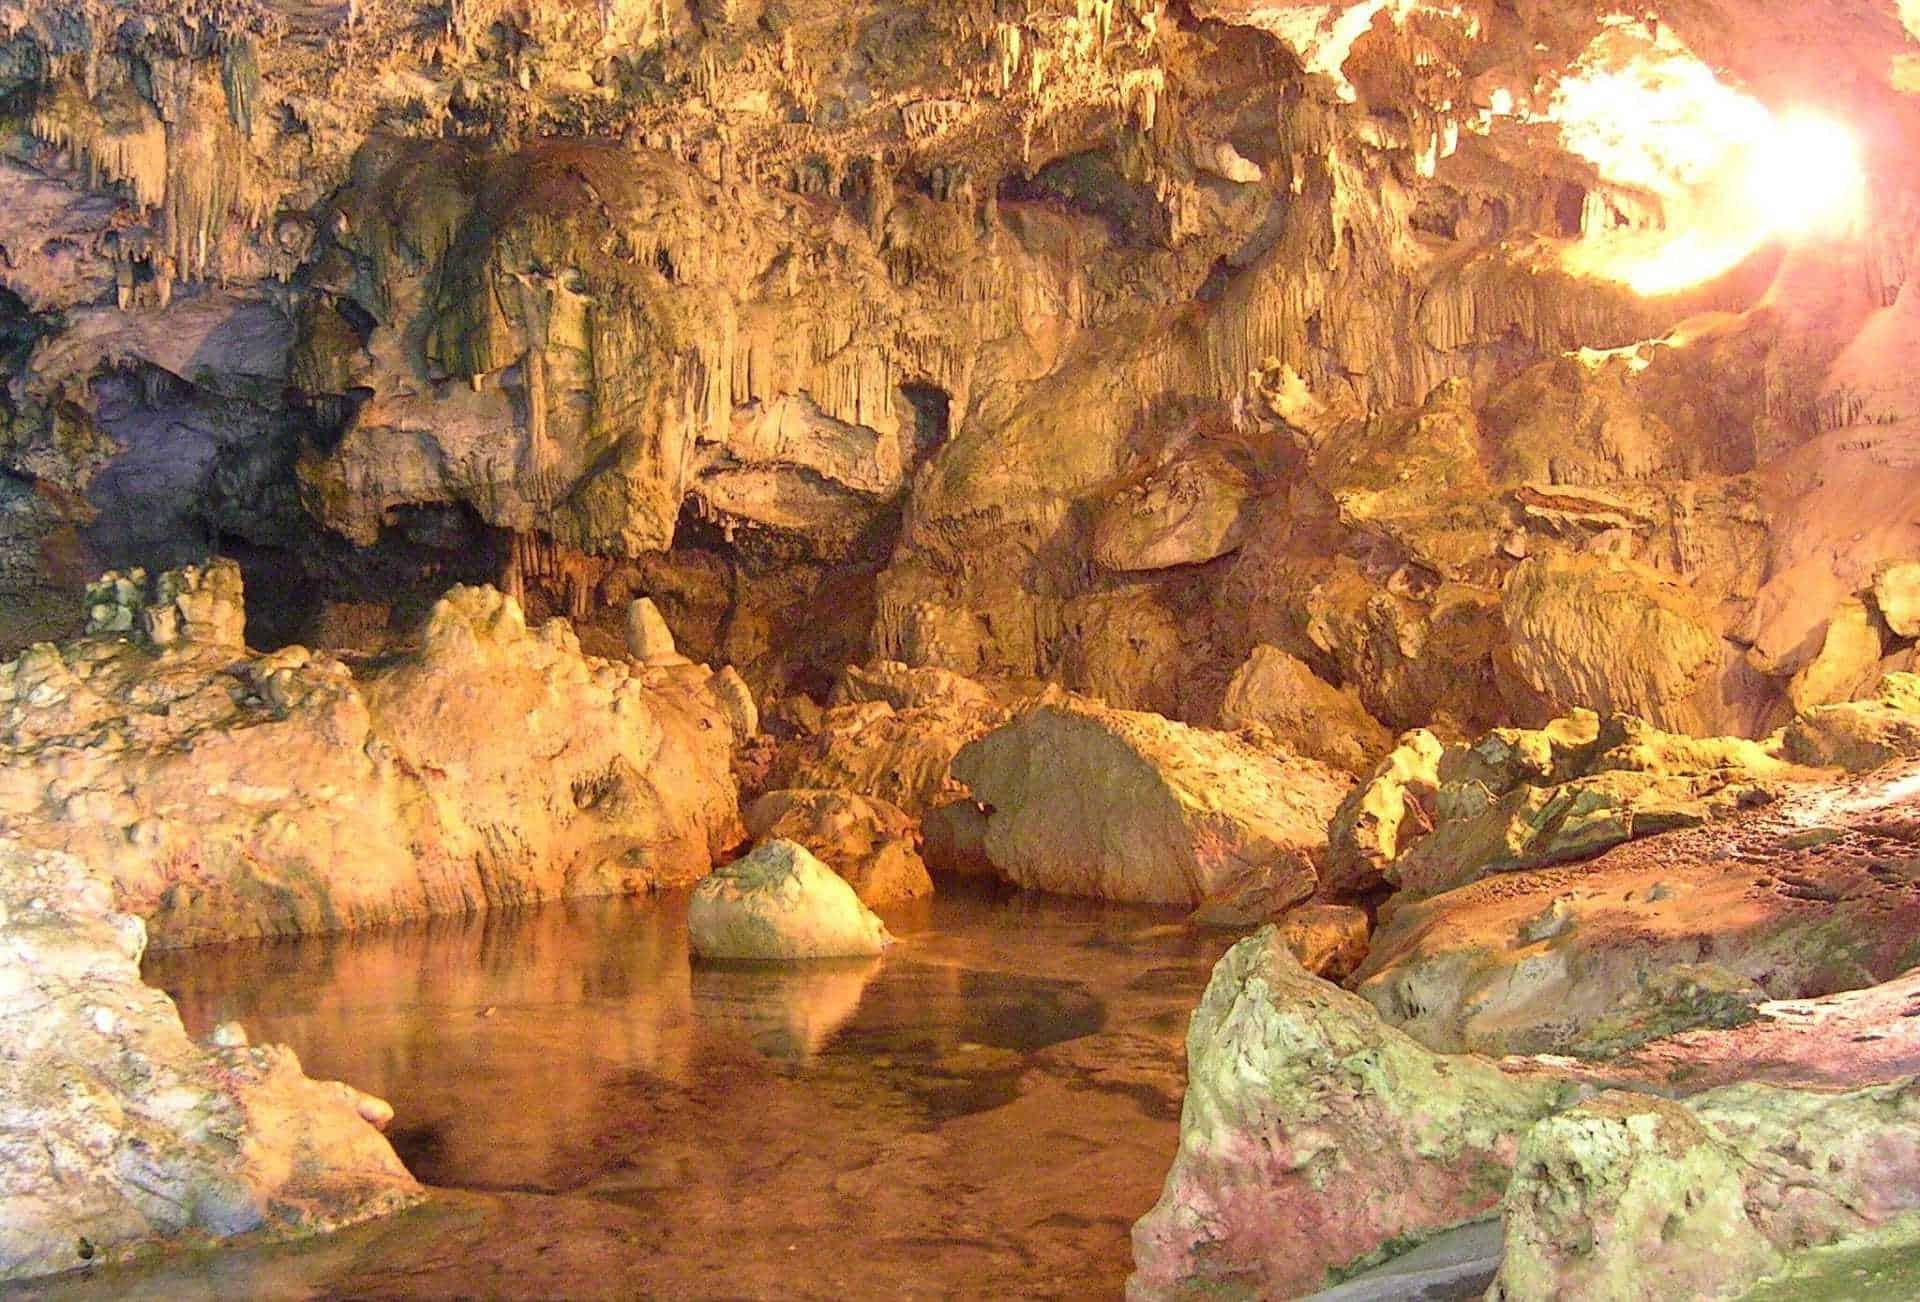 Grotte di Nettuno ad Alghero: cosa vedere e come arrivare